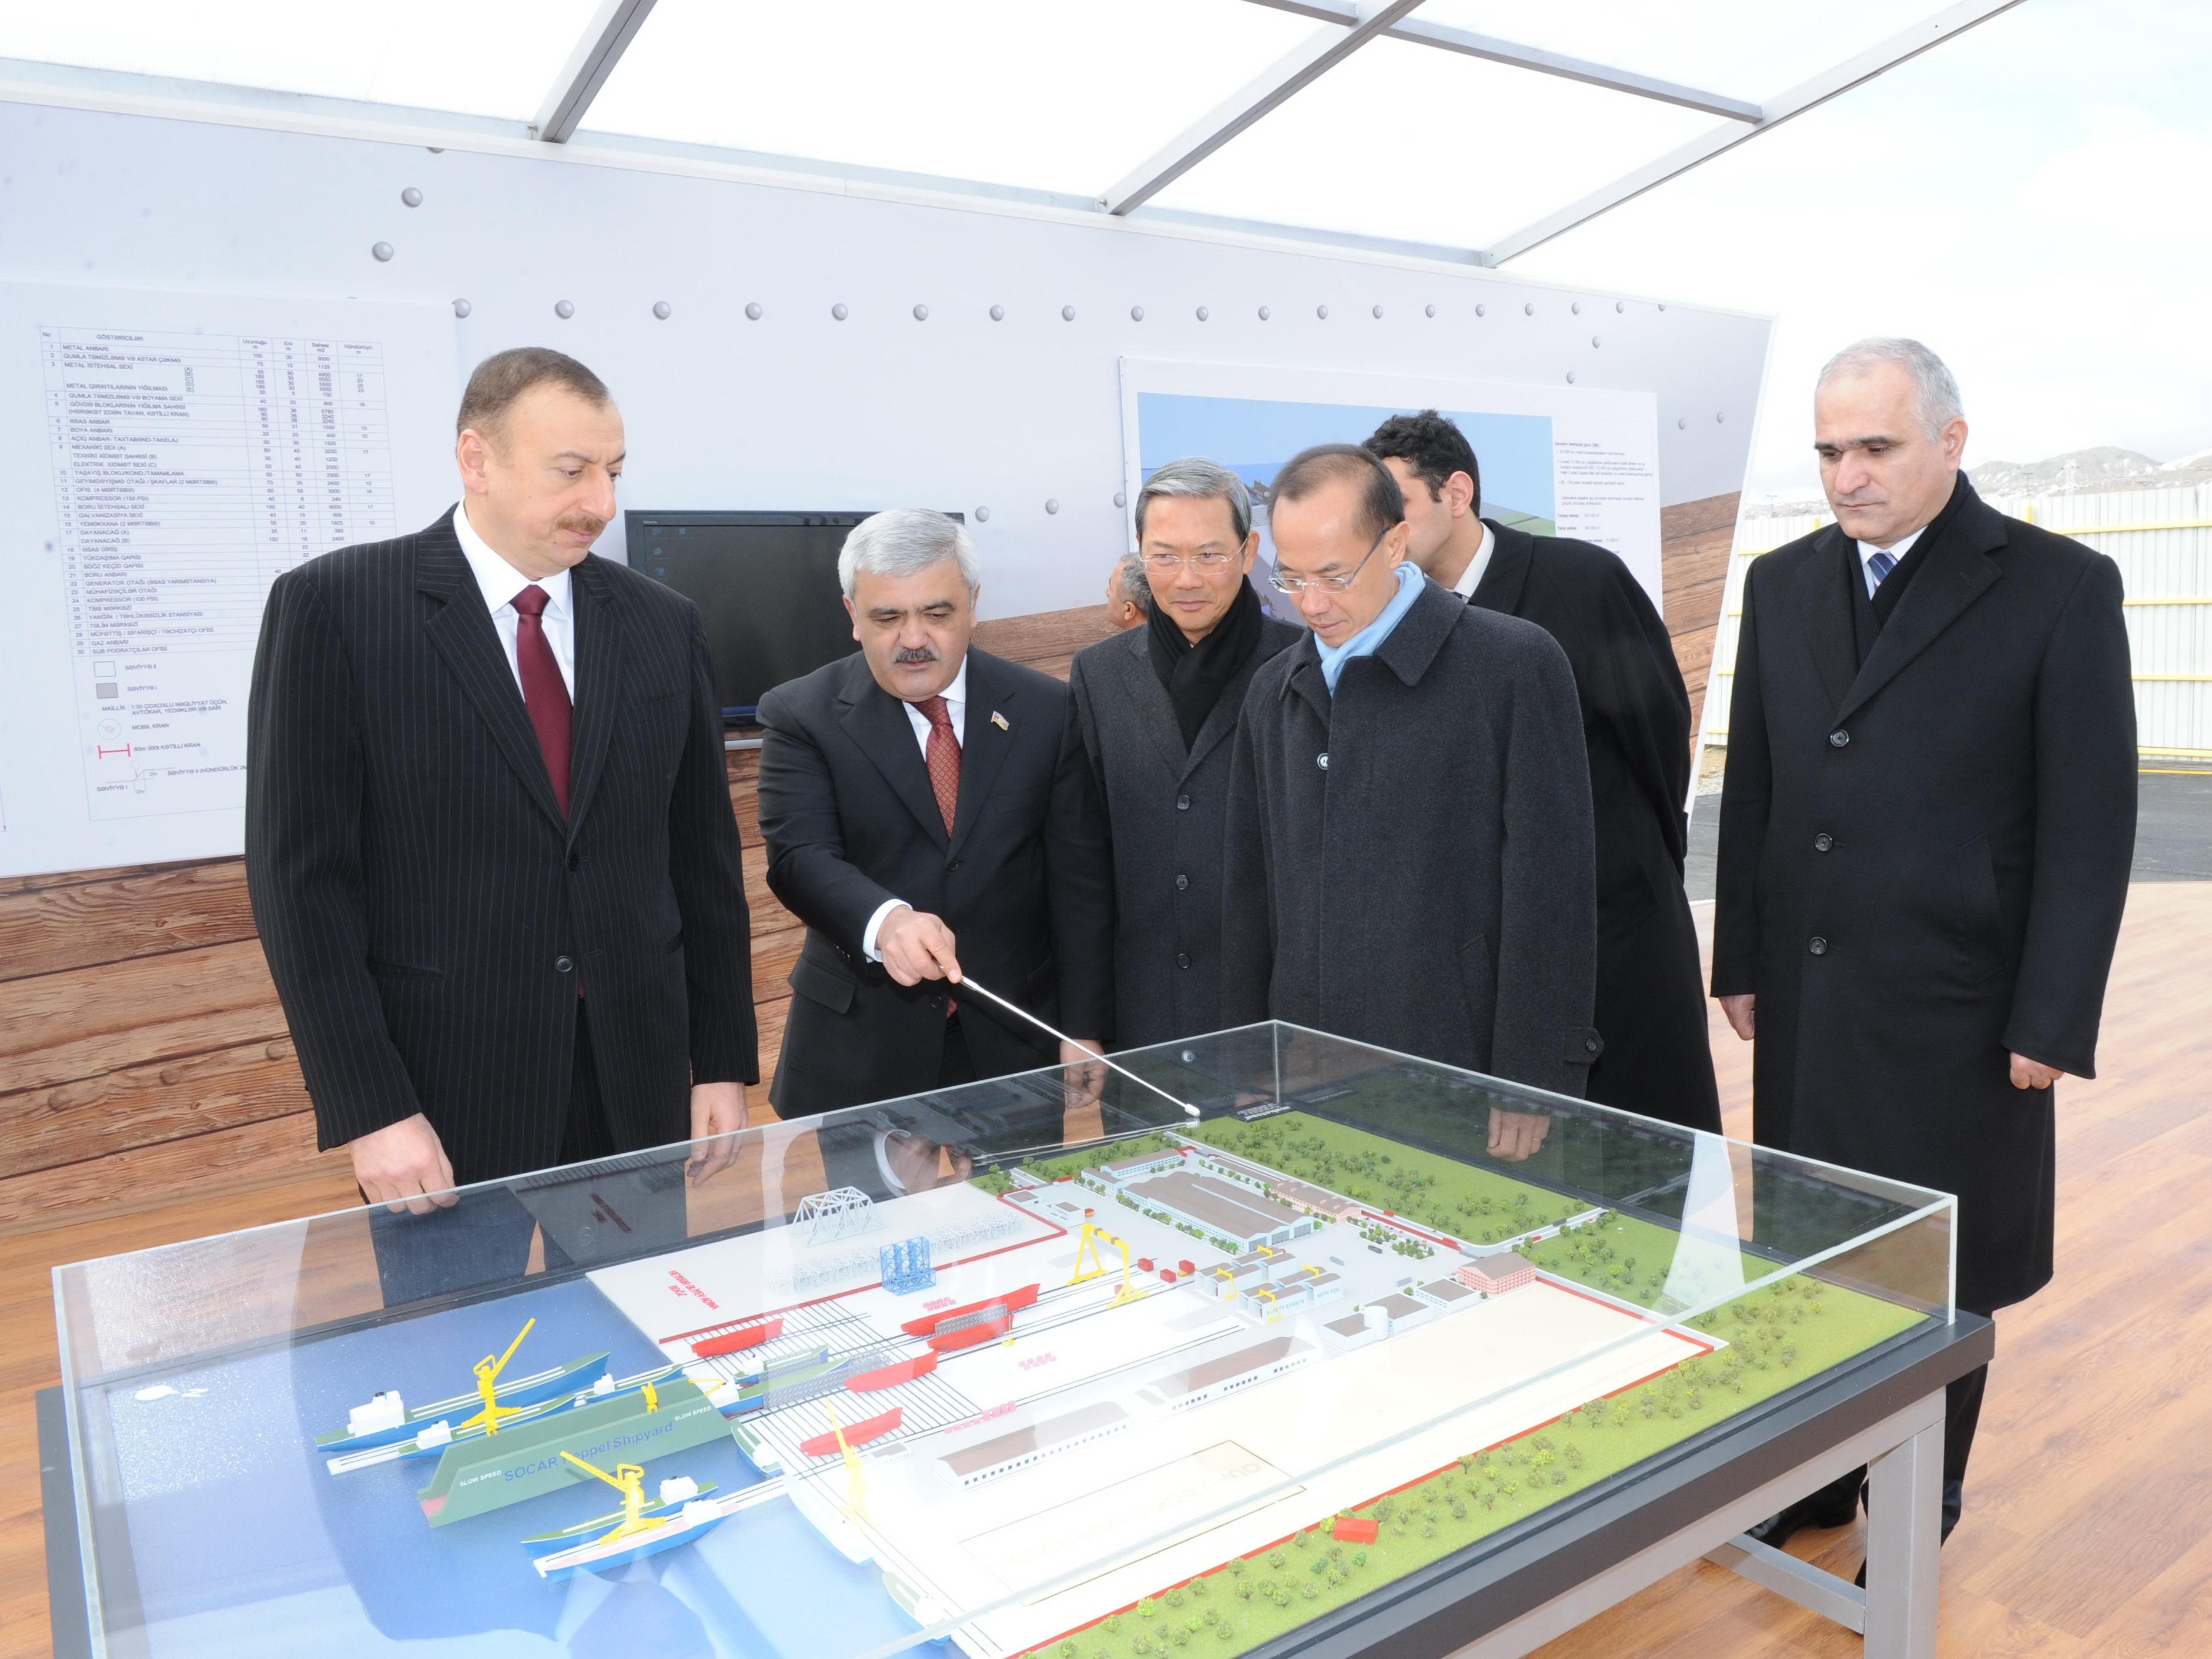 SOCAR: Şirkətin inkişafını müəyyən edən vektor – Prezident İlham Əliyevin strateji rəhbərliyidir